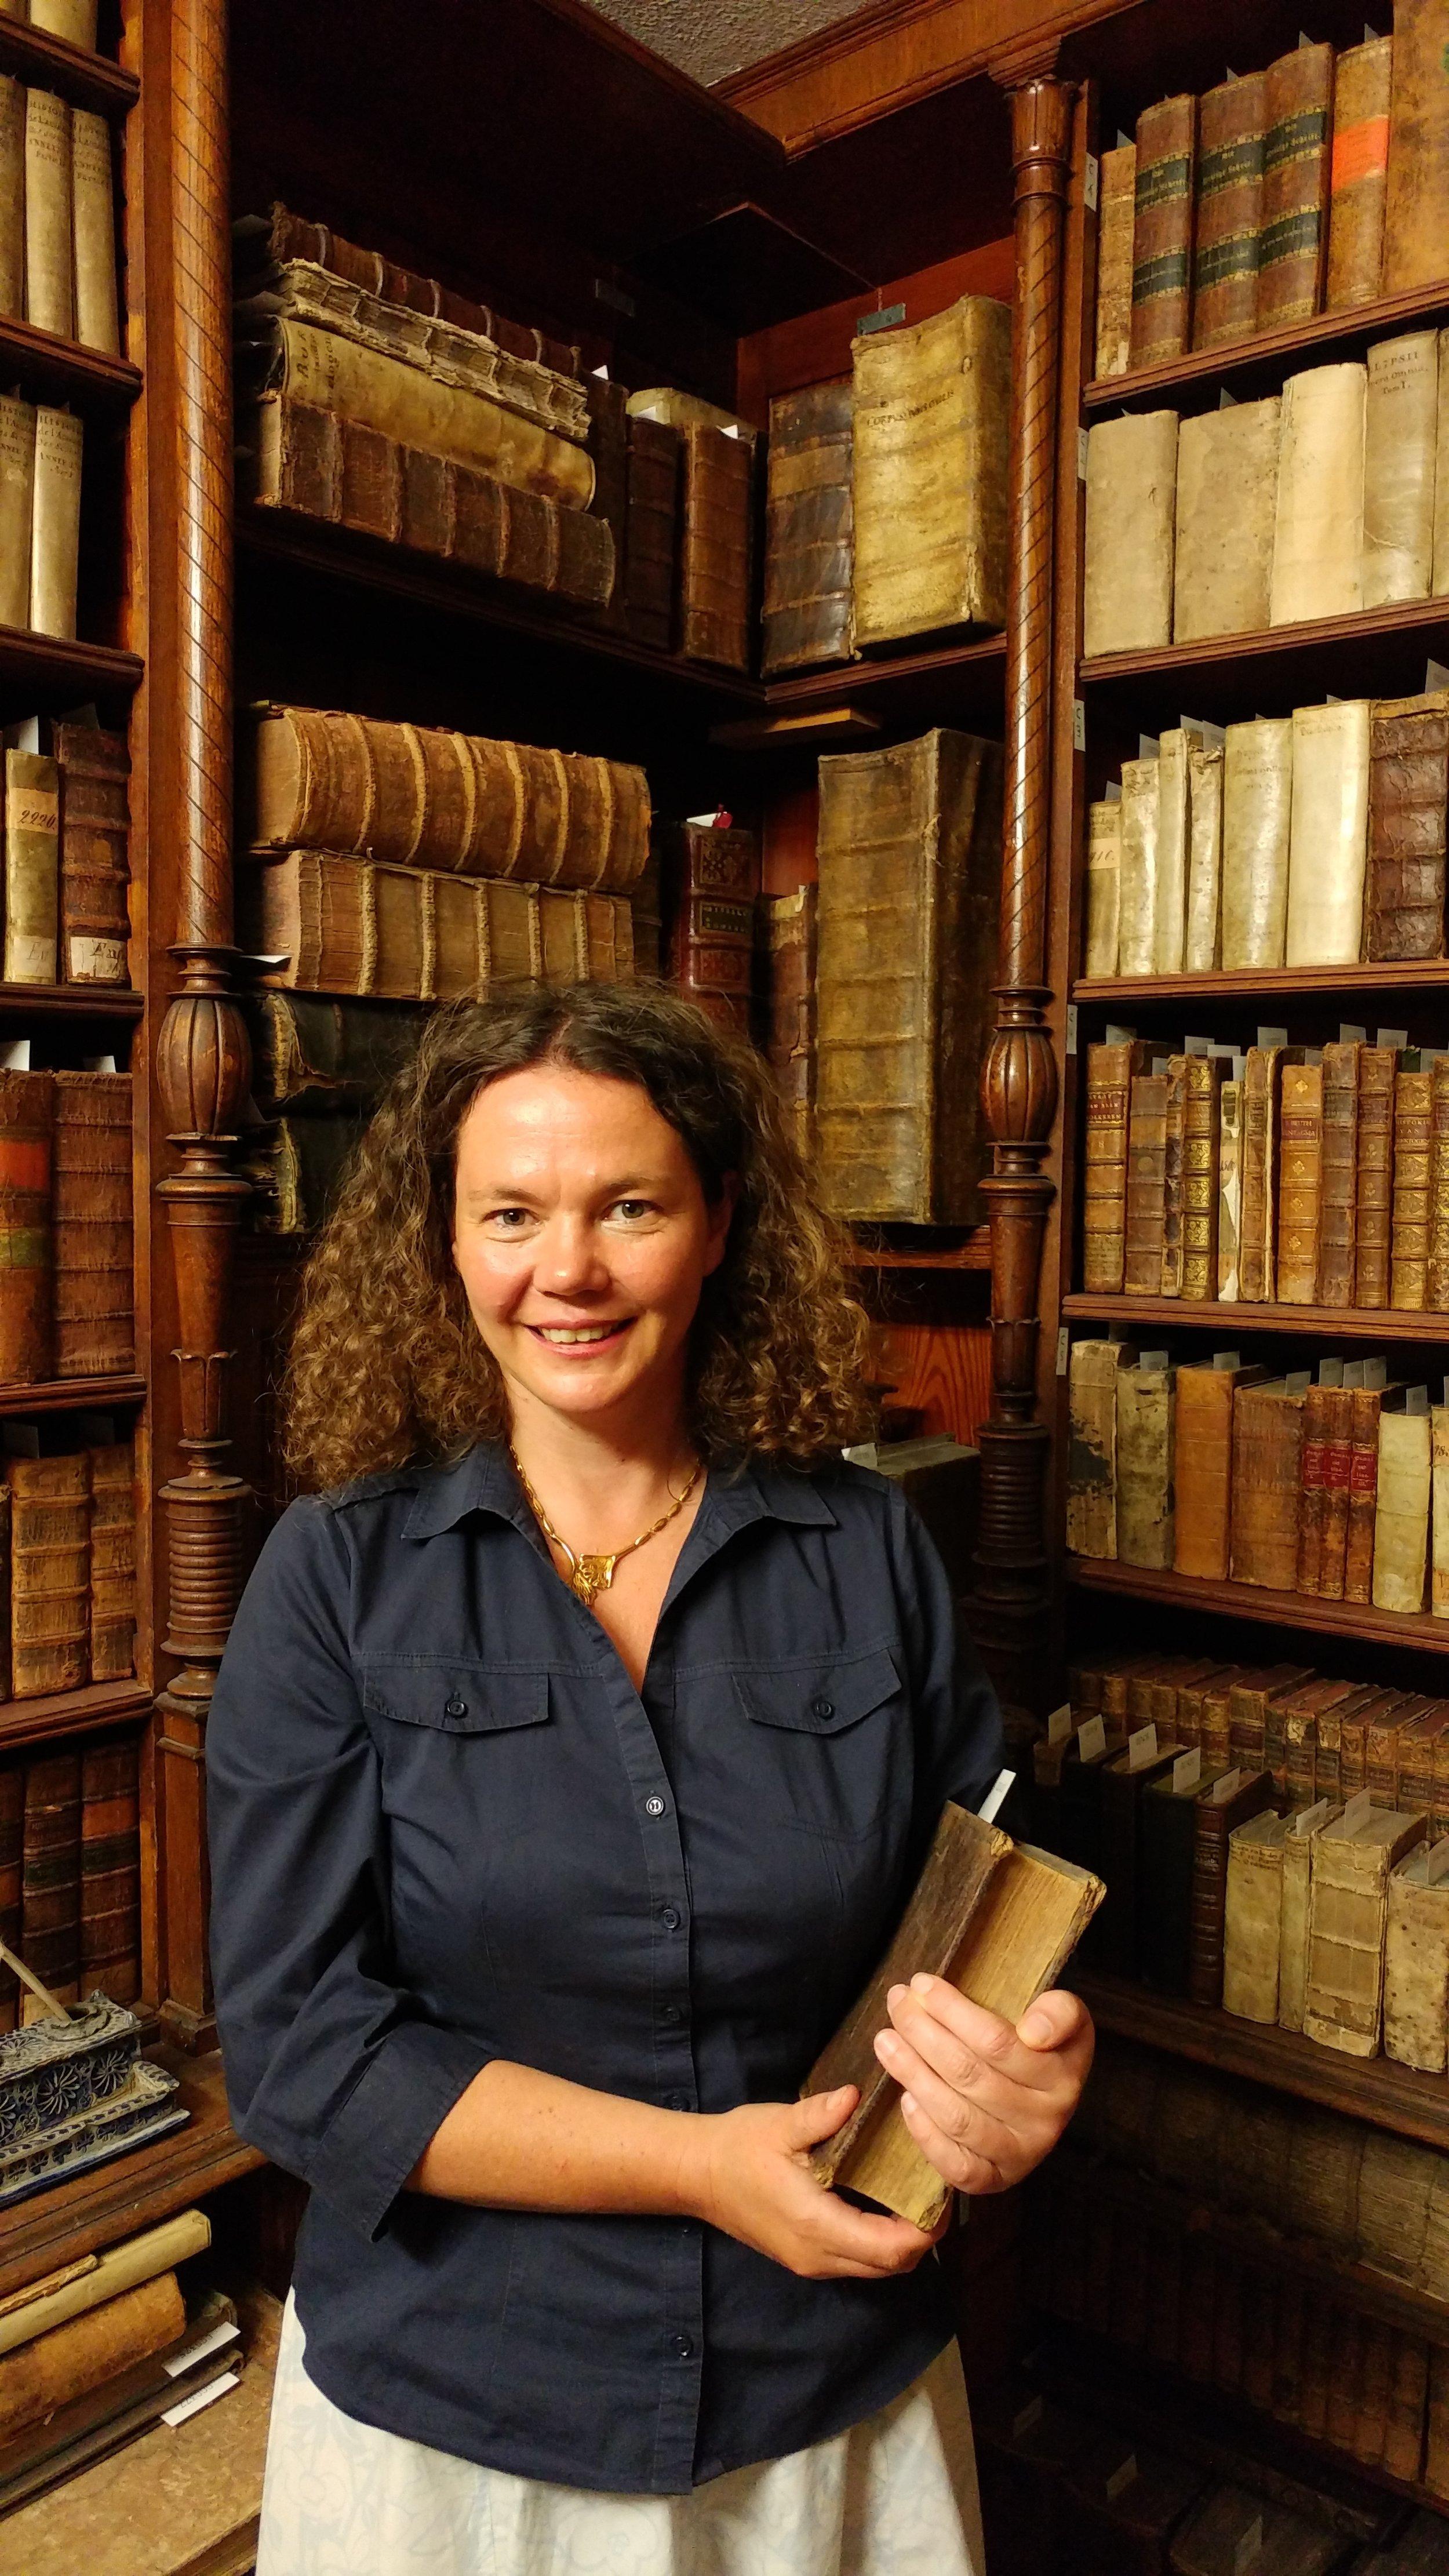 Museumsleiterin und Initiatorin Dr. Jennifer Morscheiser freut sich auf die PAN-Autorinnen und -Autoren. Foto: PAN